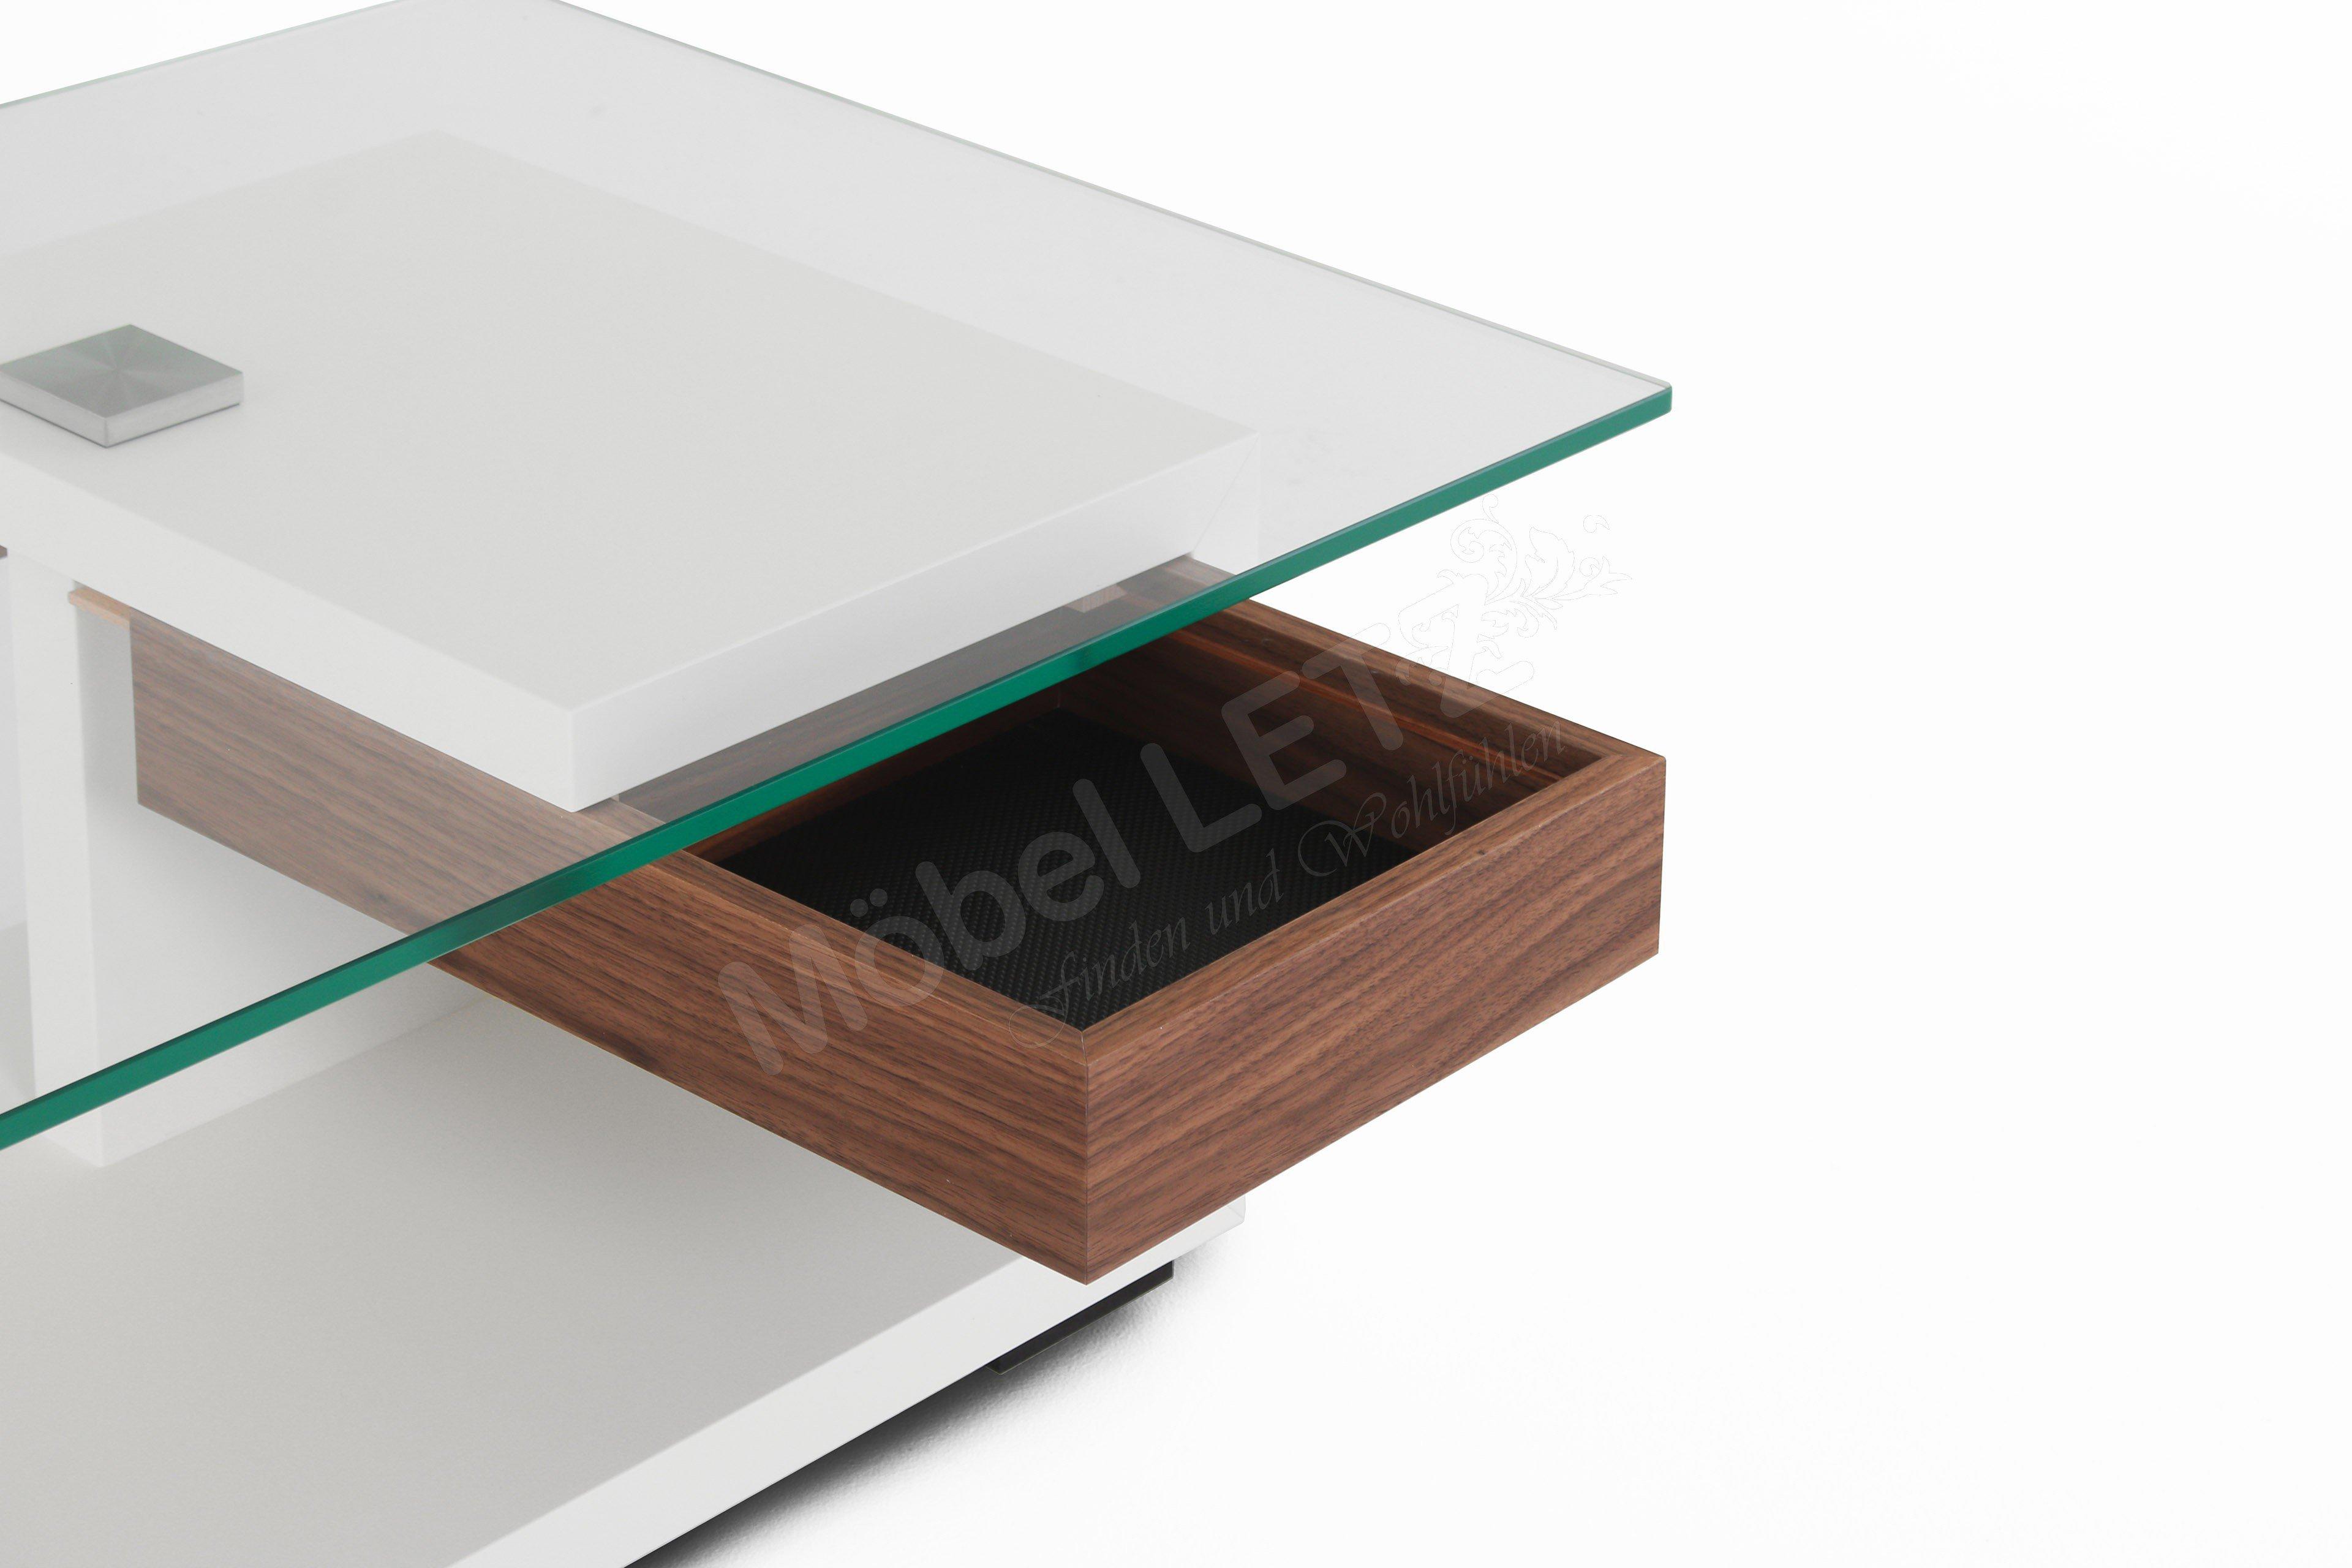 Gwinner Wohndesign Couchtisch Ct404 110 Lack Weiß Nussbaum Möbel